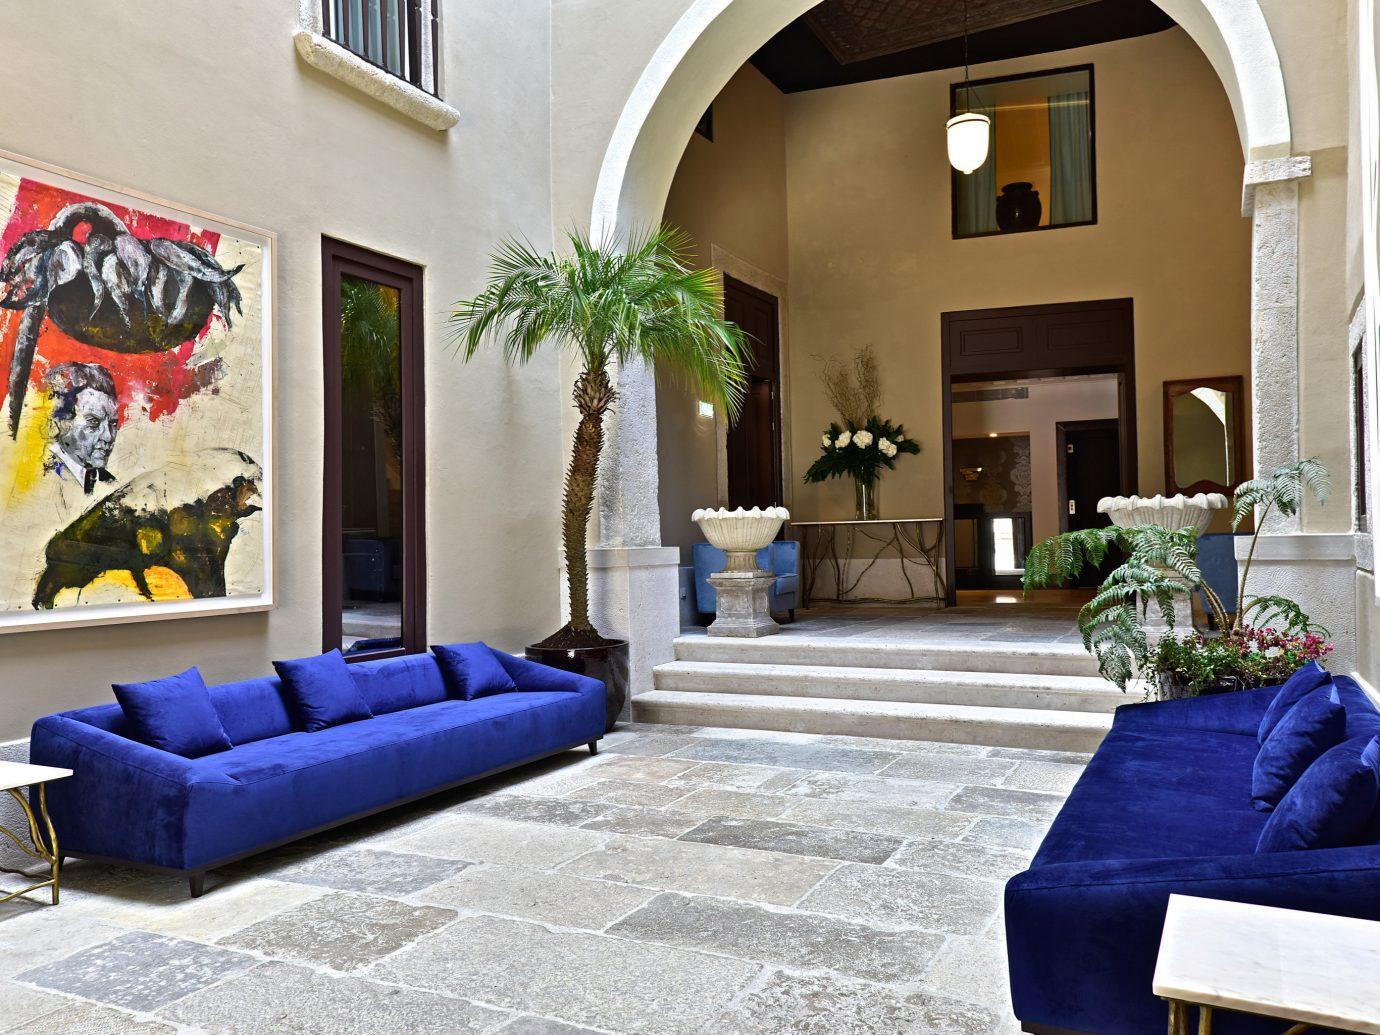 Hotels room property living room indoor Living estate home house interior design mansion Villa real estate cottage Design porch blue furniture decorated stone